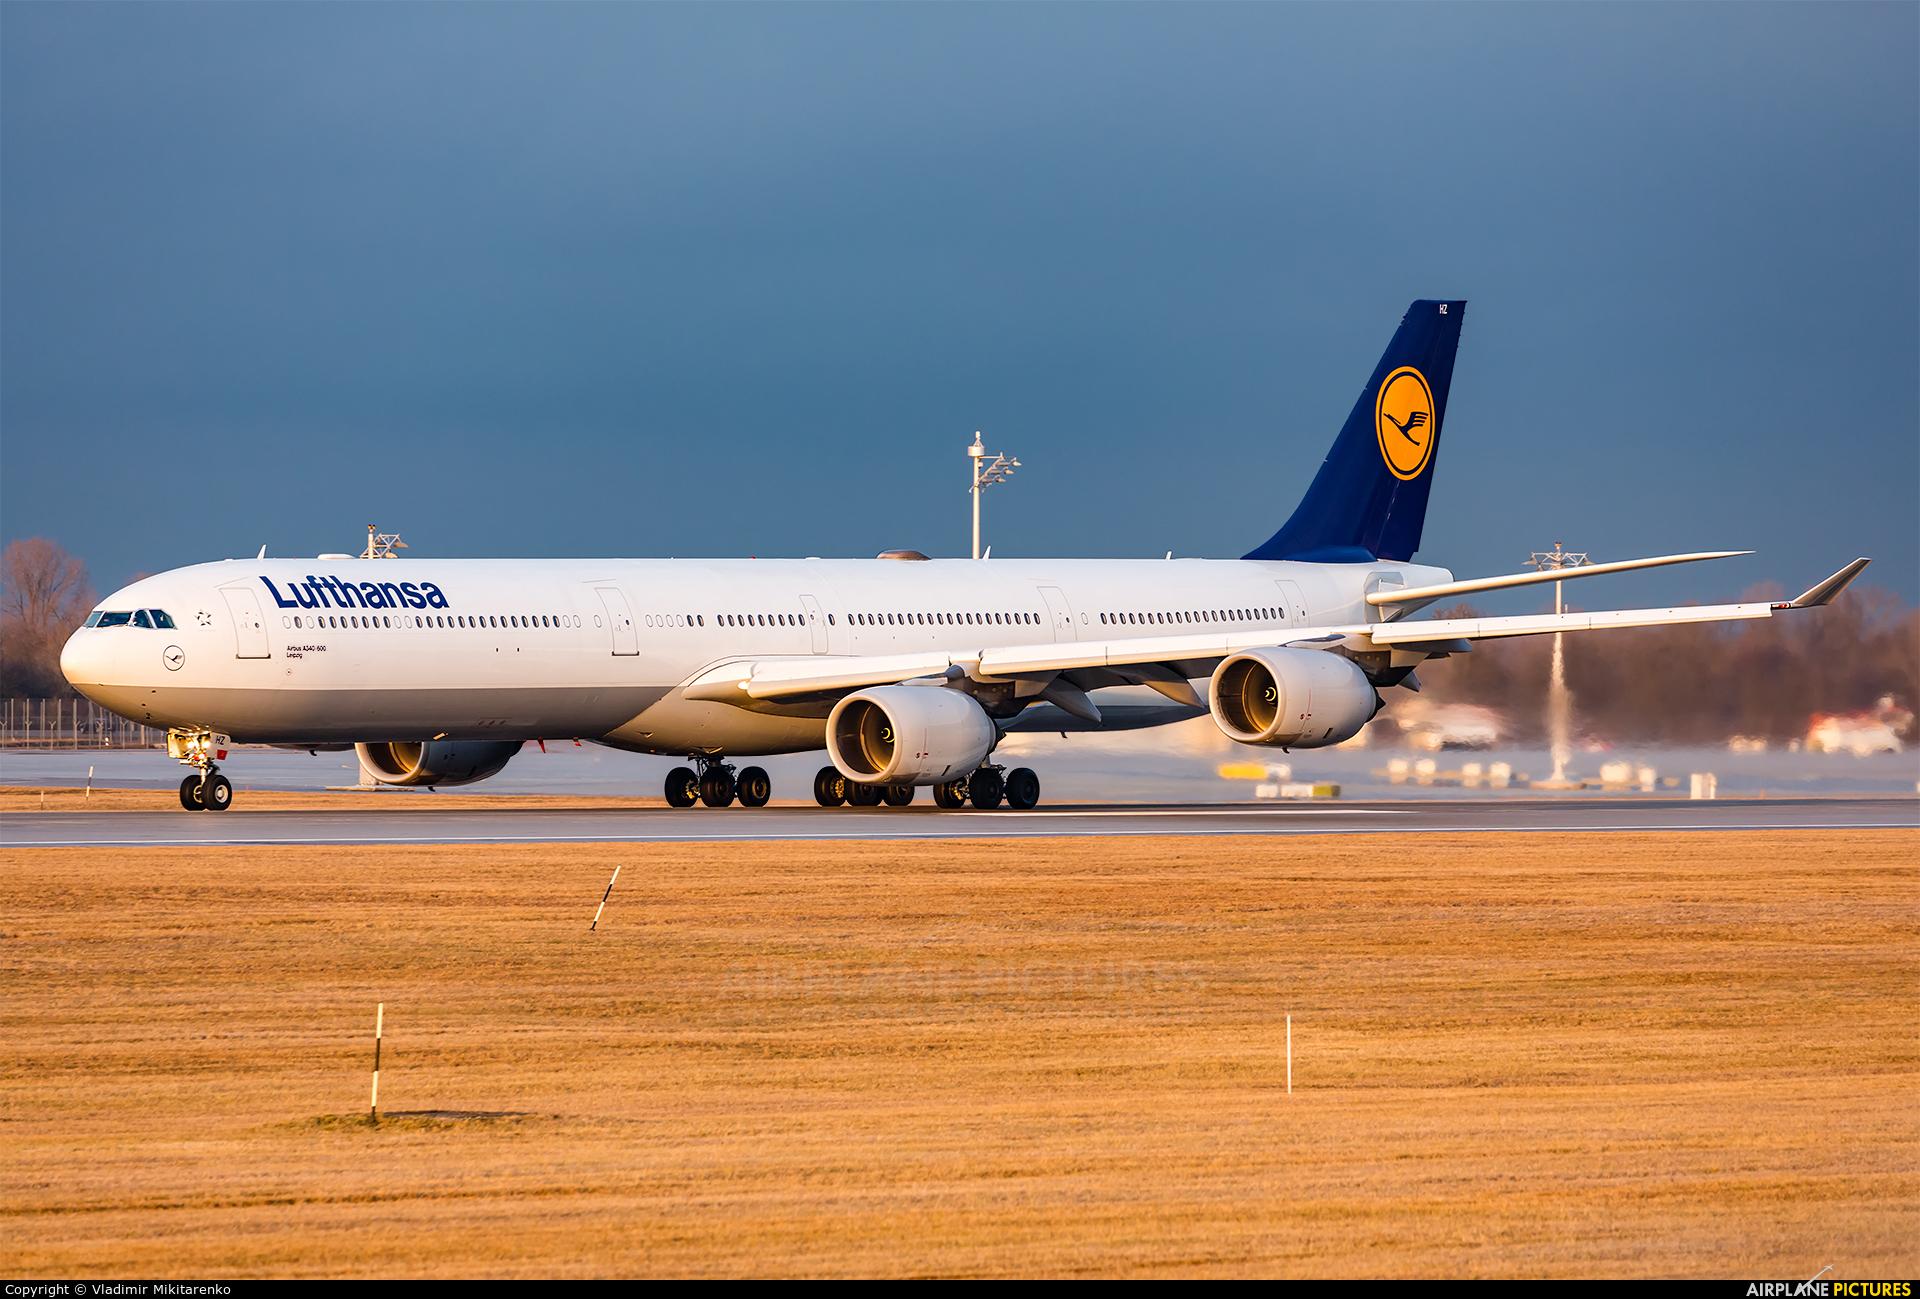 Lufthansa D-AIHZ aircraft at Munich